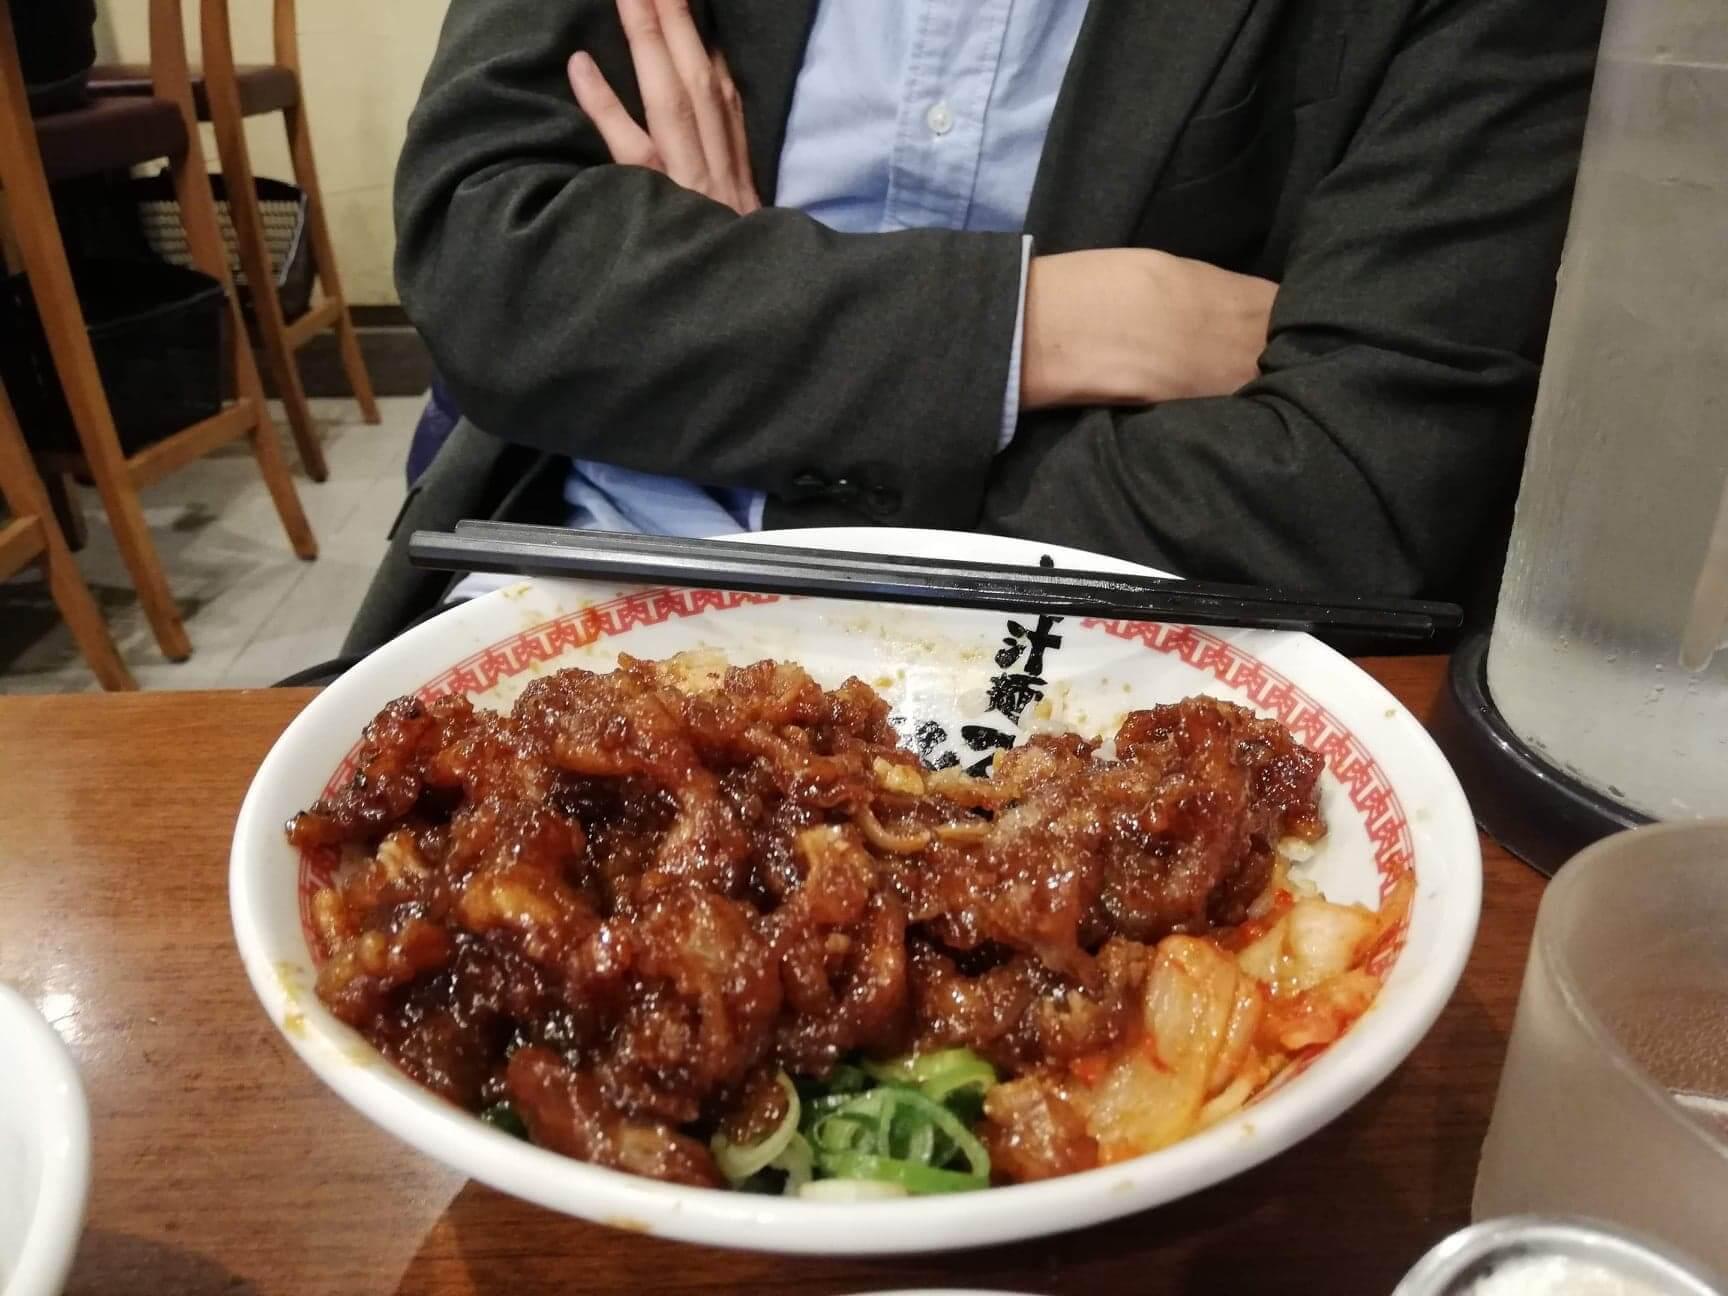 高田馬場『肉汁麺ススム』の肉汁丼の前で腕を組んでいる男性の写真